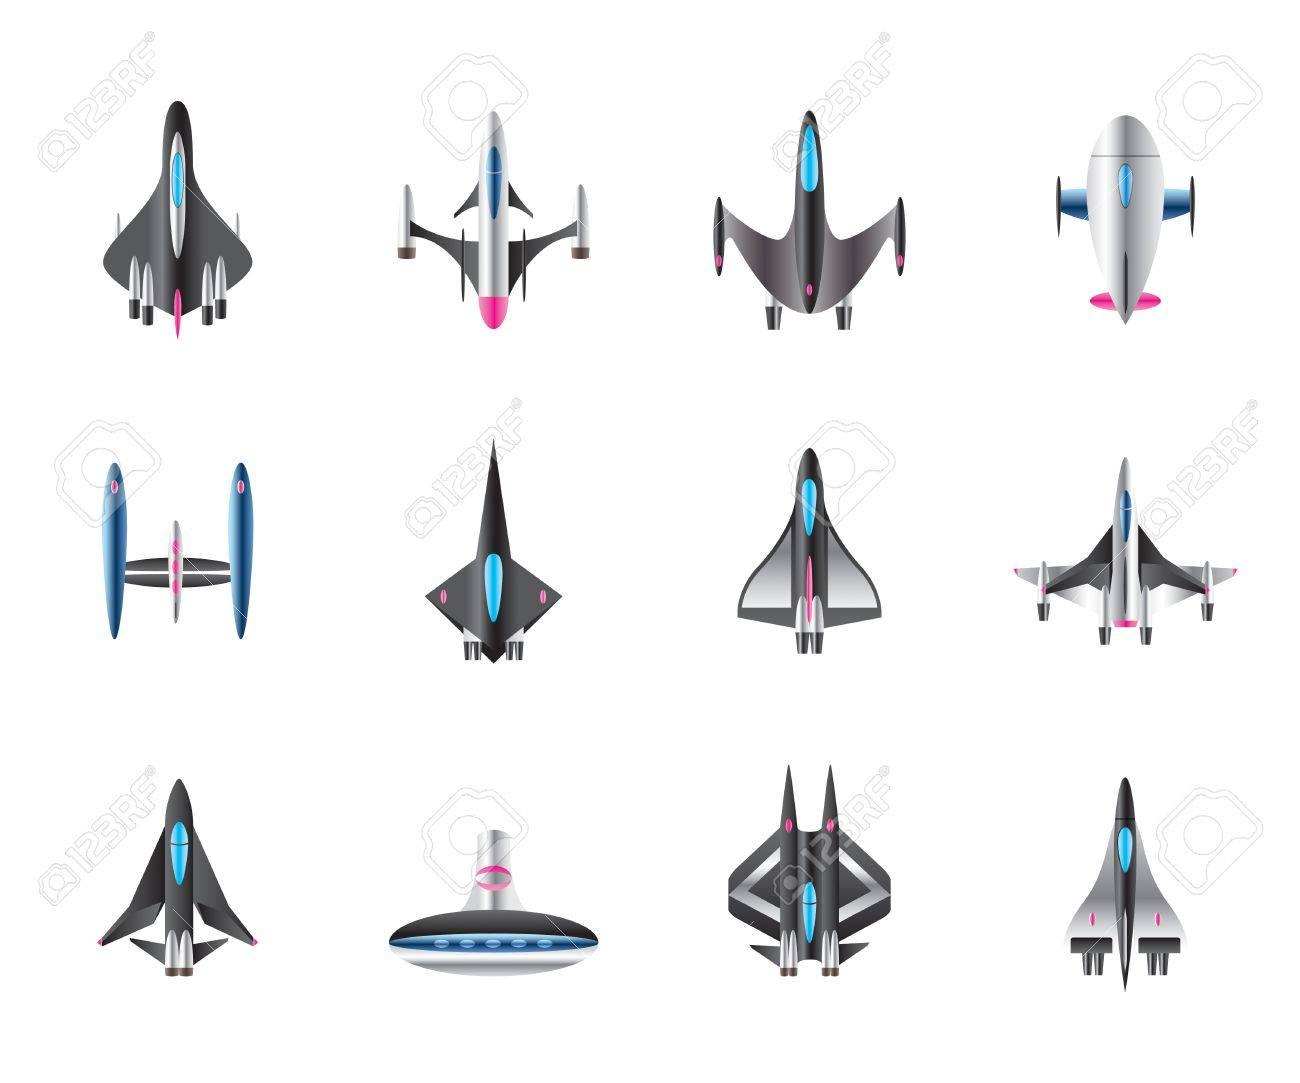 別の宇宙船飛行 ベクトル イラストのイラスト素材ベクタ Image